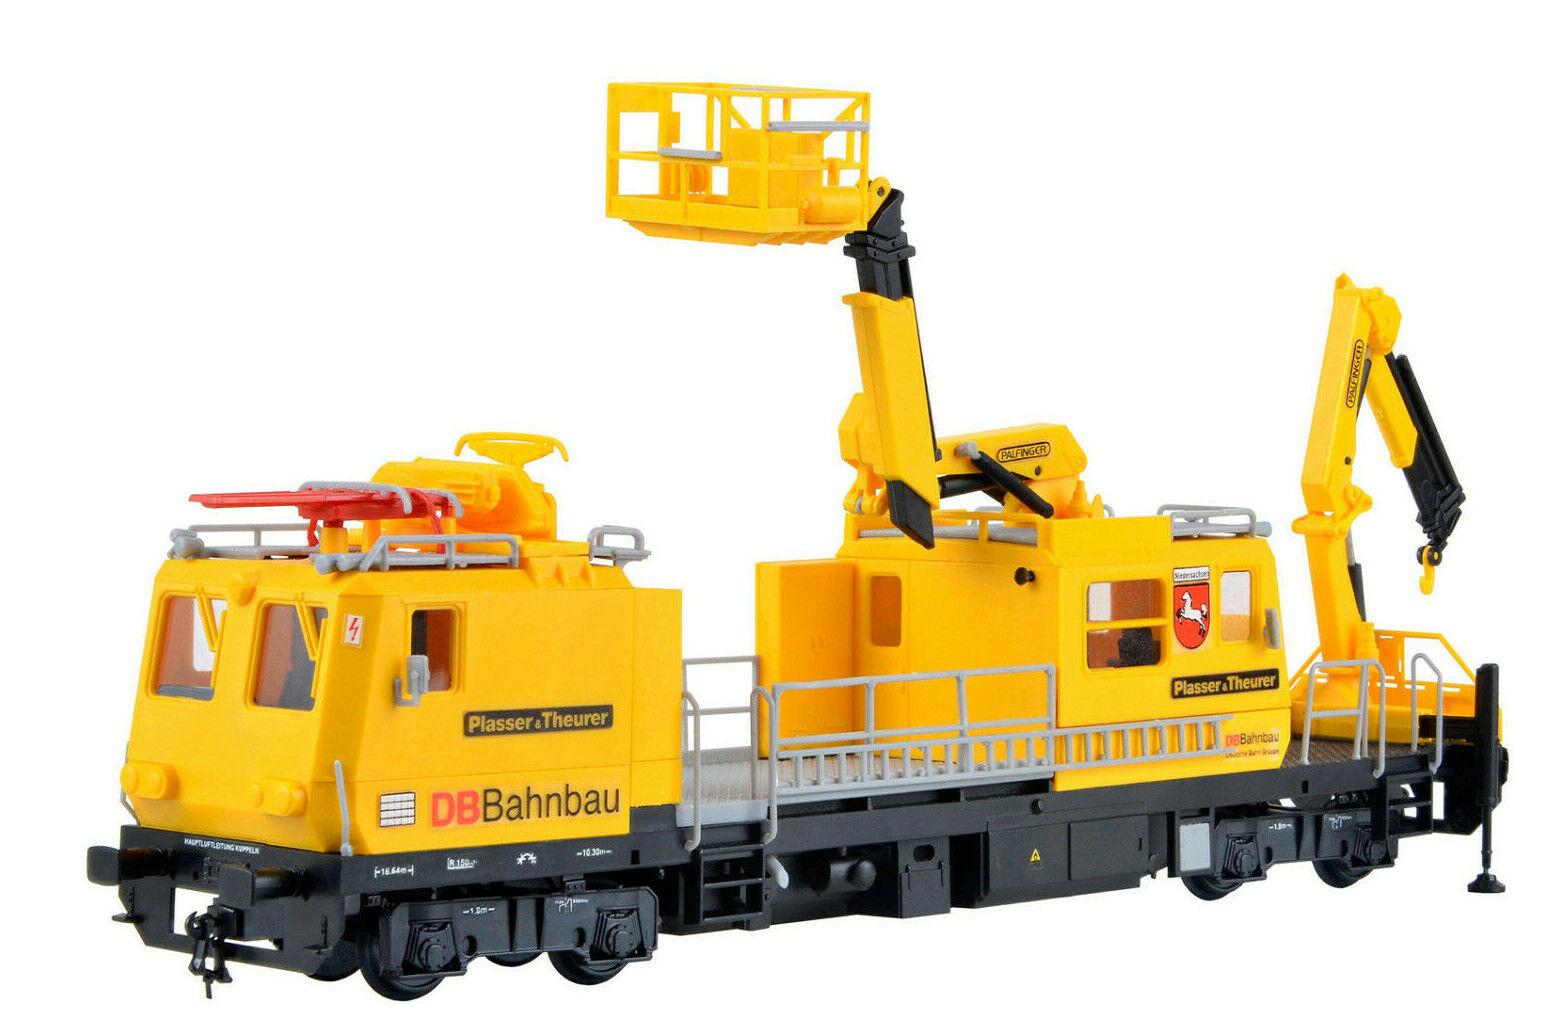 Kibri 16080 motor Cochero de torre construcción ferroviaria de MTW 100.083 1 DB, Kit, H0